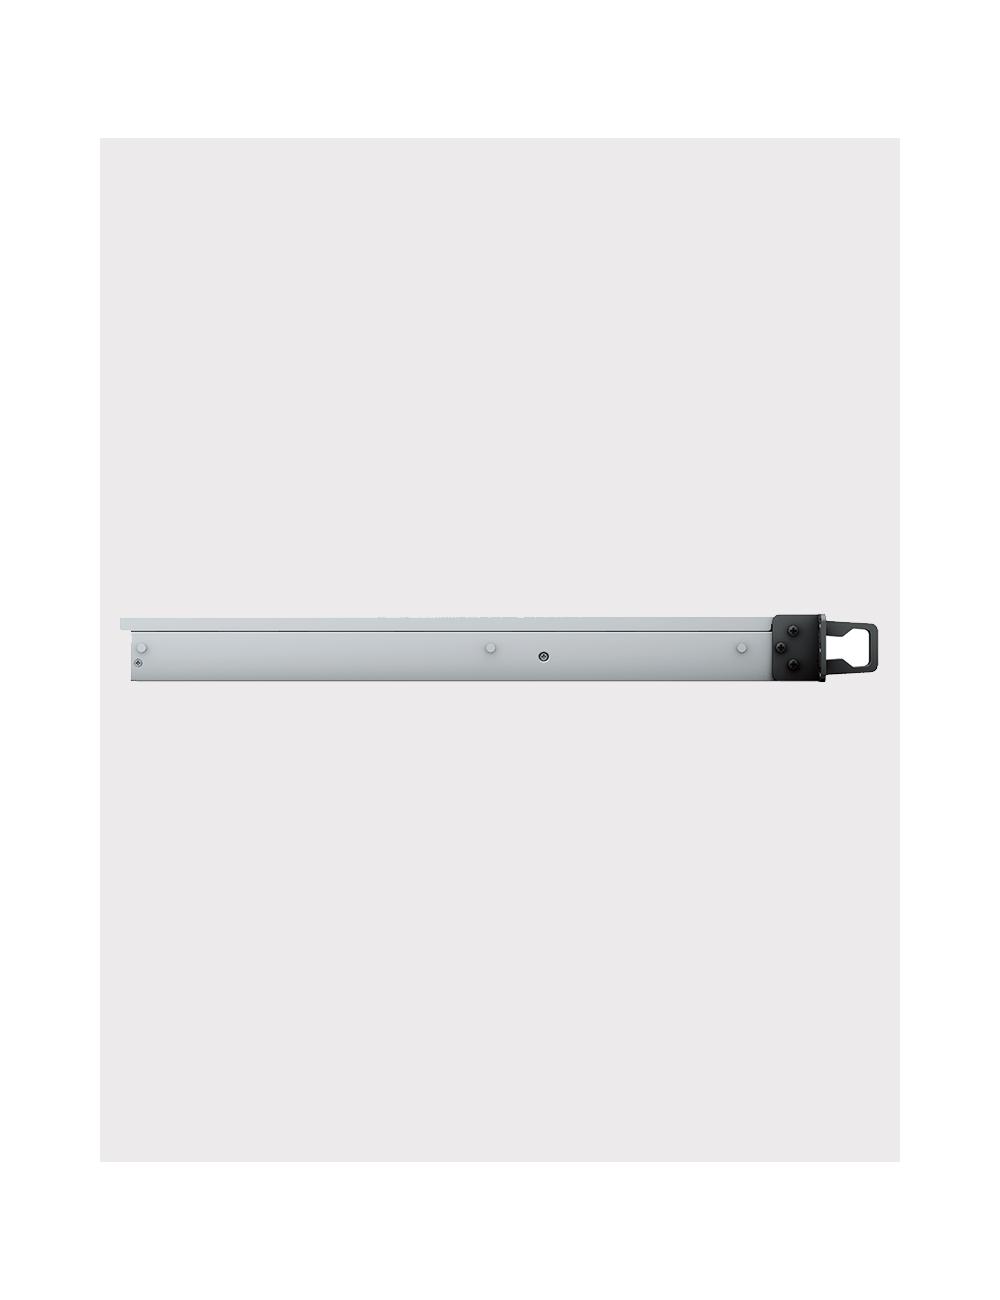 Firewall E-WALL AP334 sous pfSense CE 3 ports 4Go SSD 16Go LTE 4G